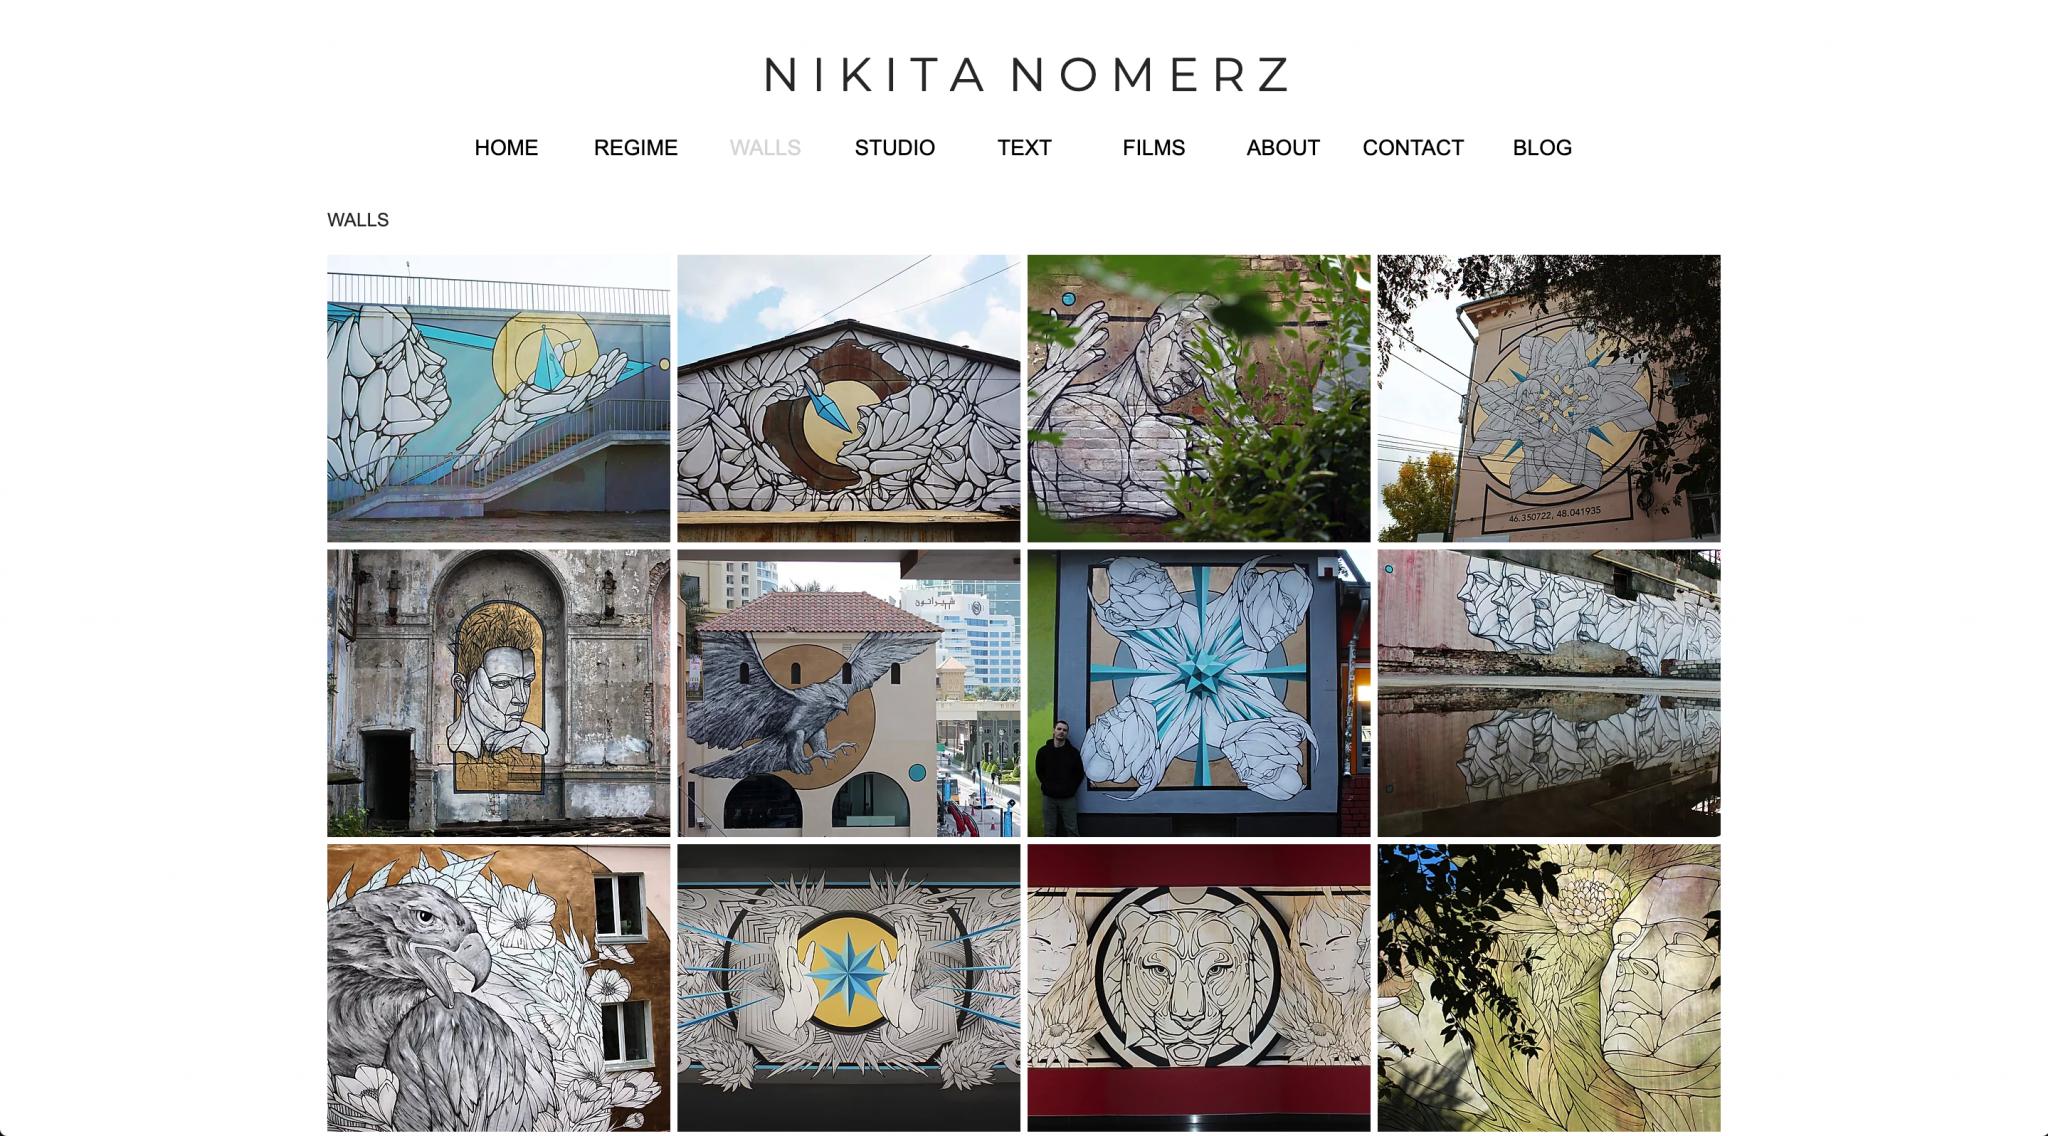 Цифровой архив российской уличной культуры – Никита Nomerz